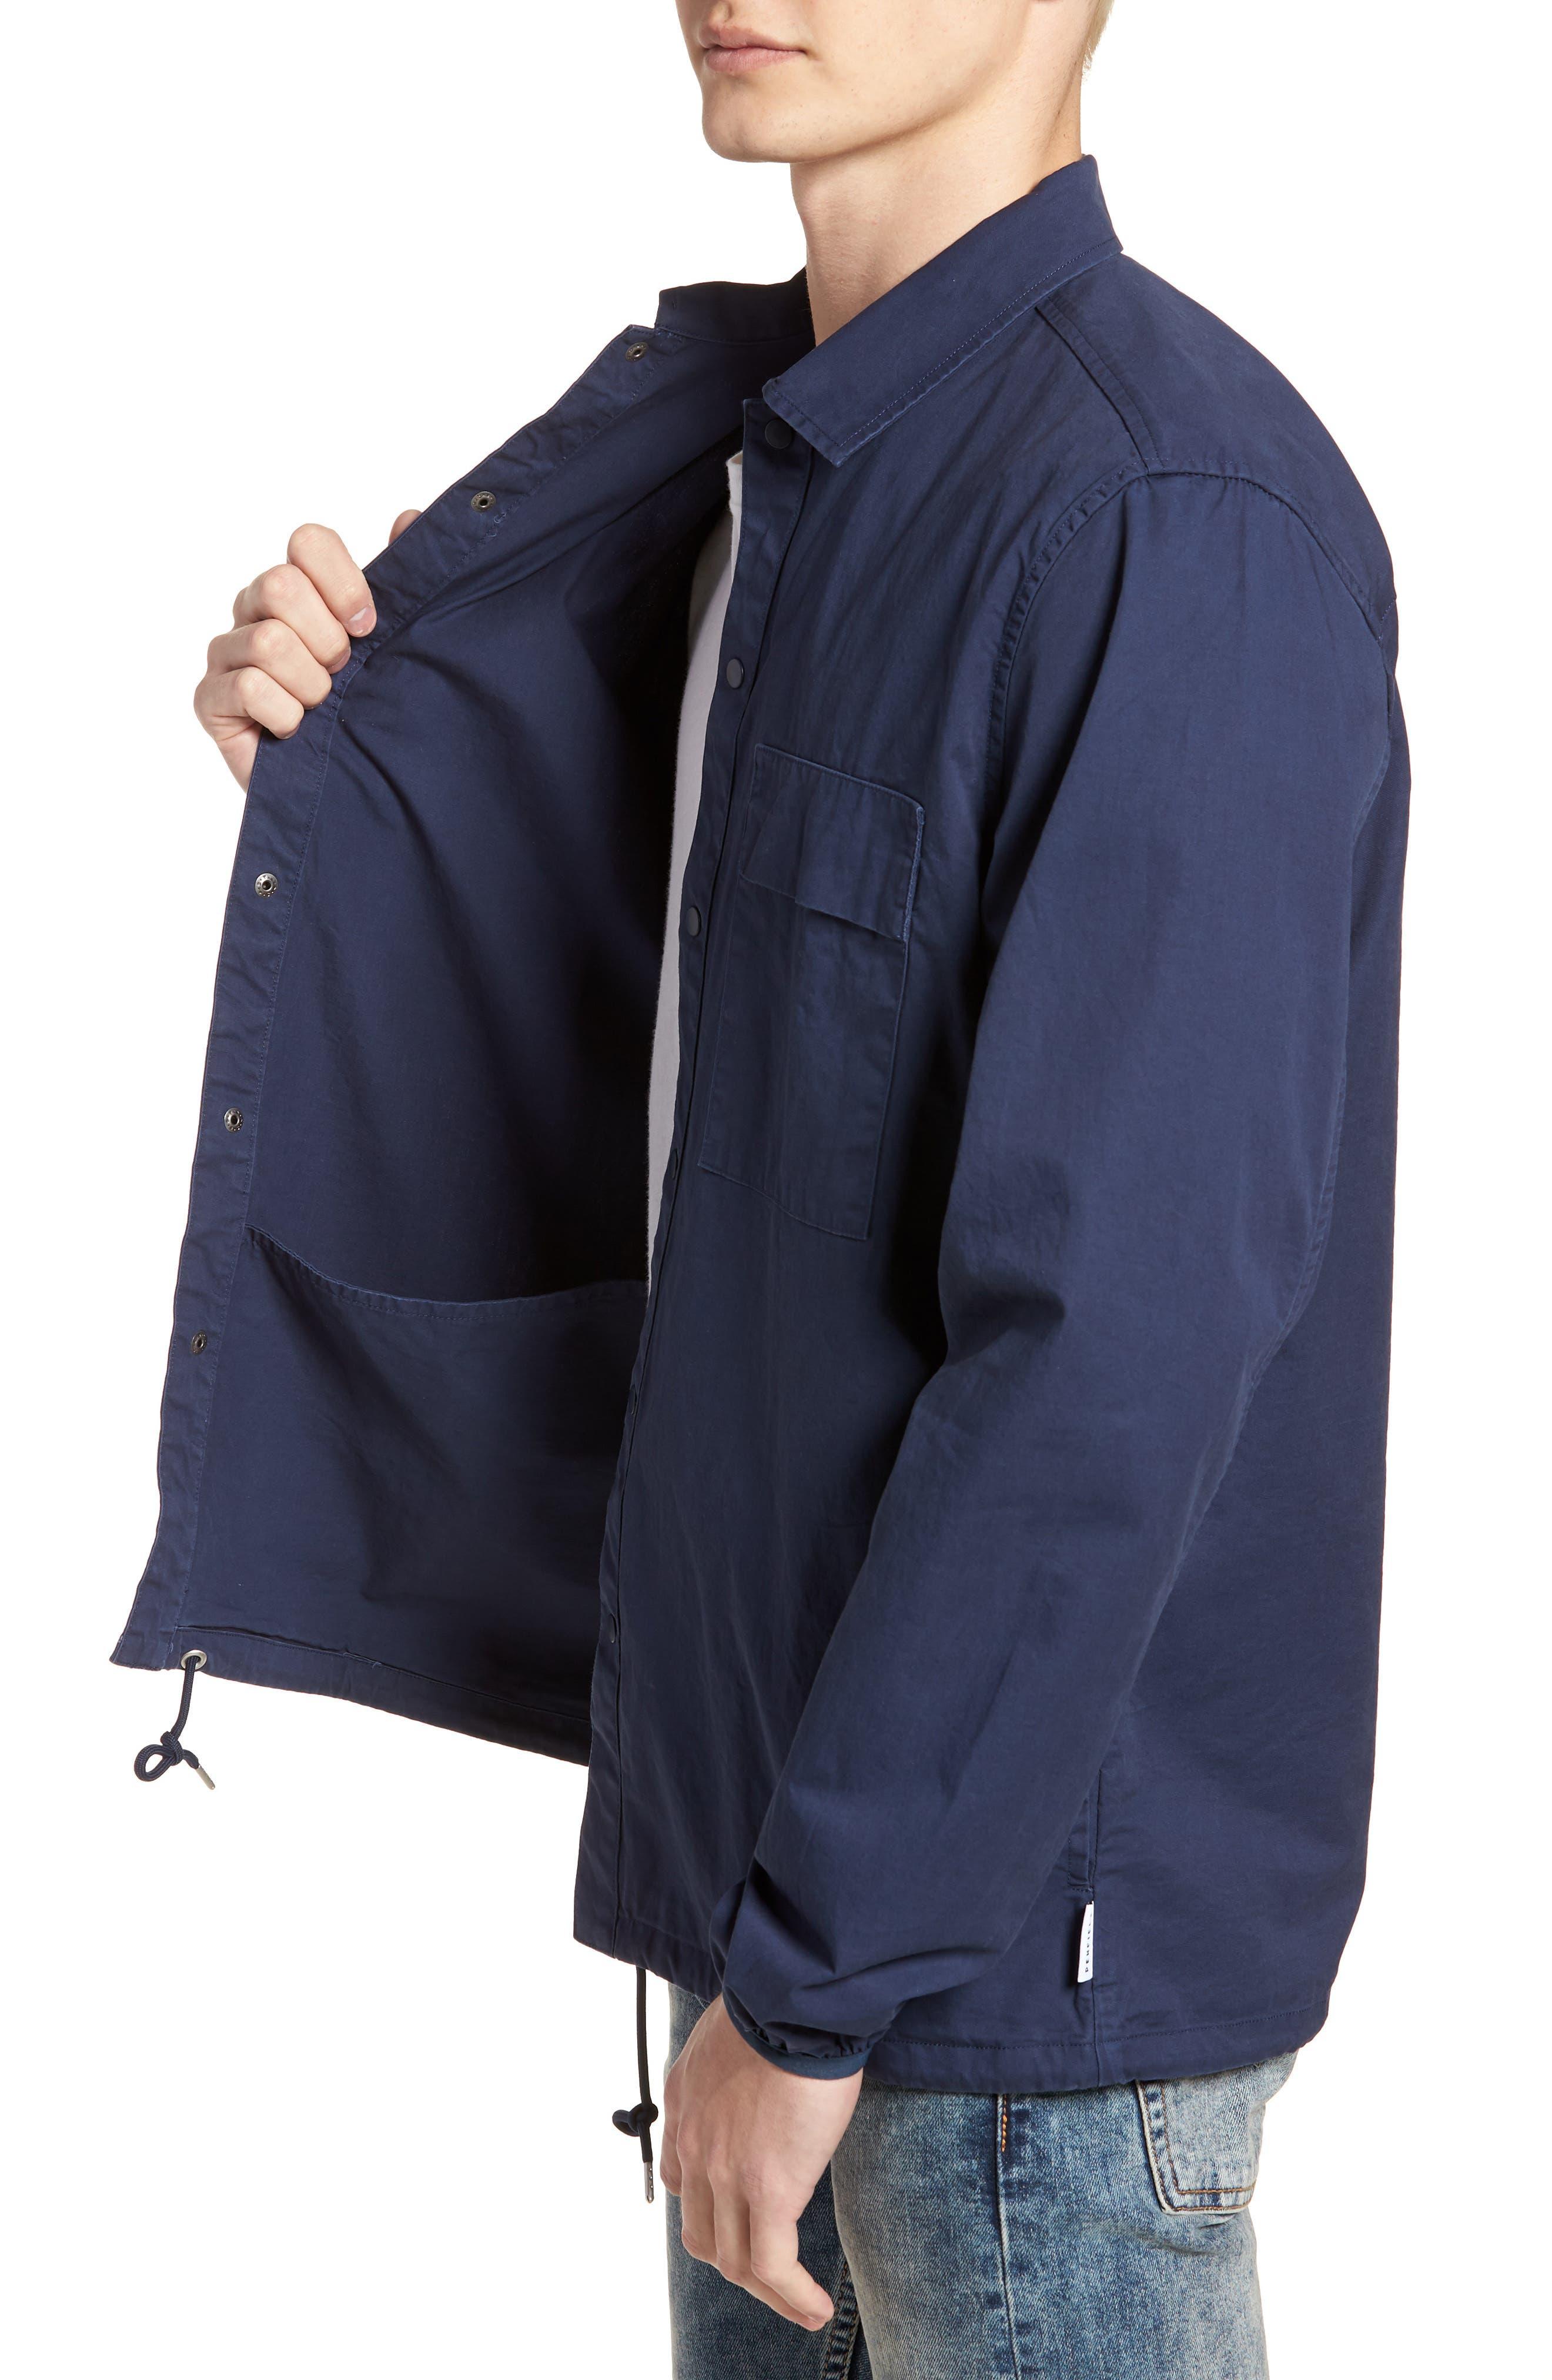 Blackstone Shirt Jacket,                             Alternate thumbnail 3, color,                             400